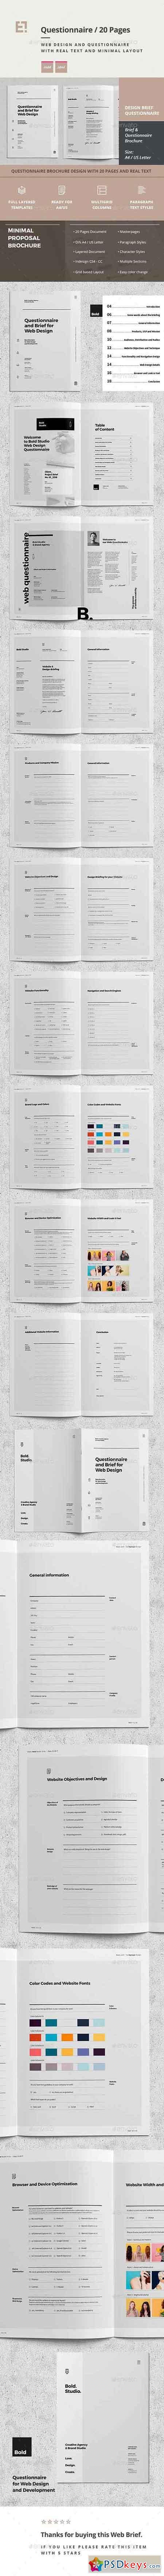 Questionnaire Web Design 20668773